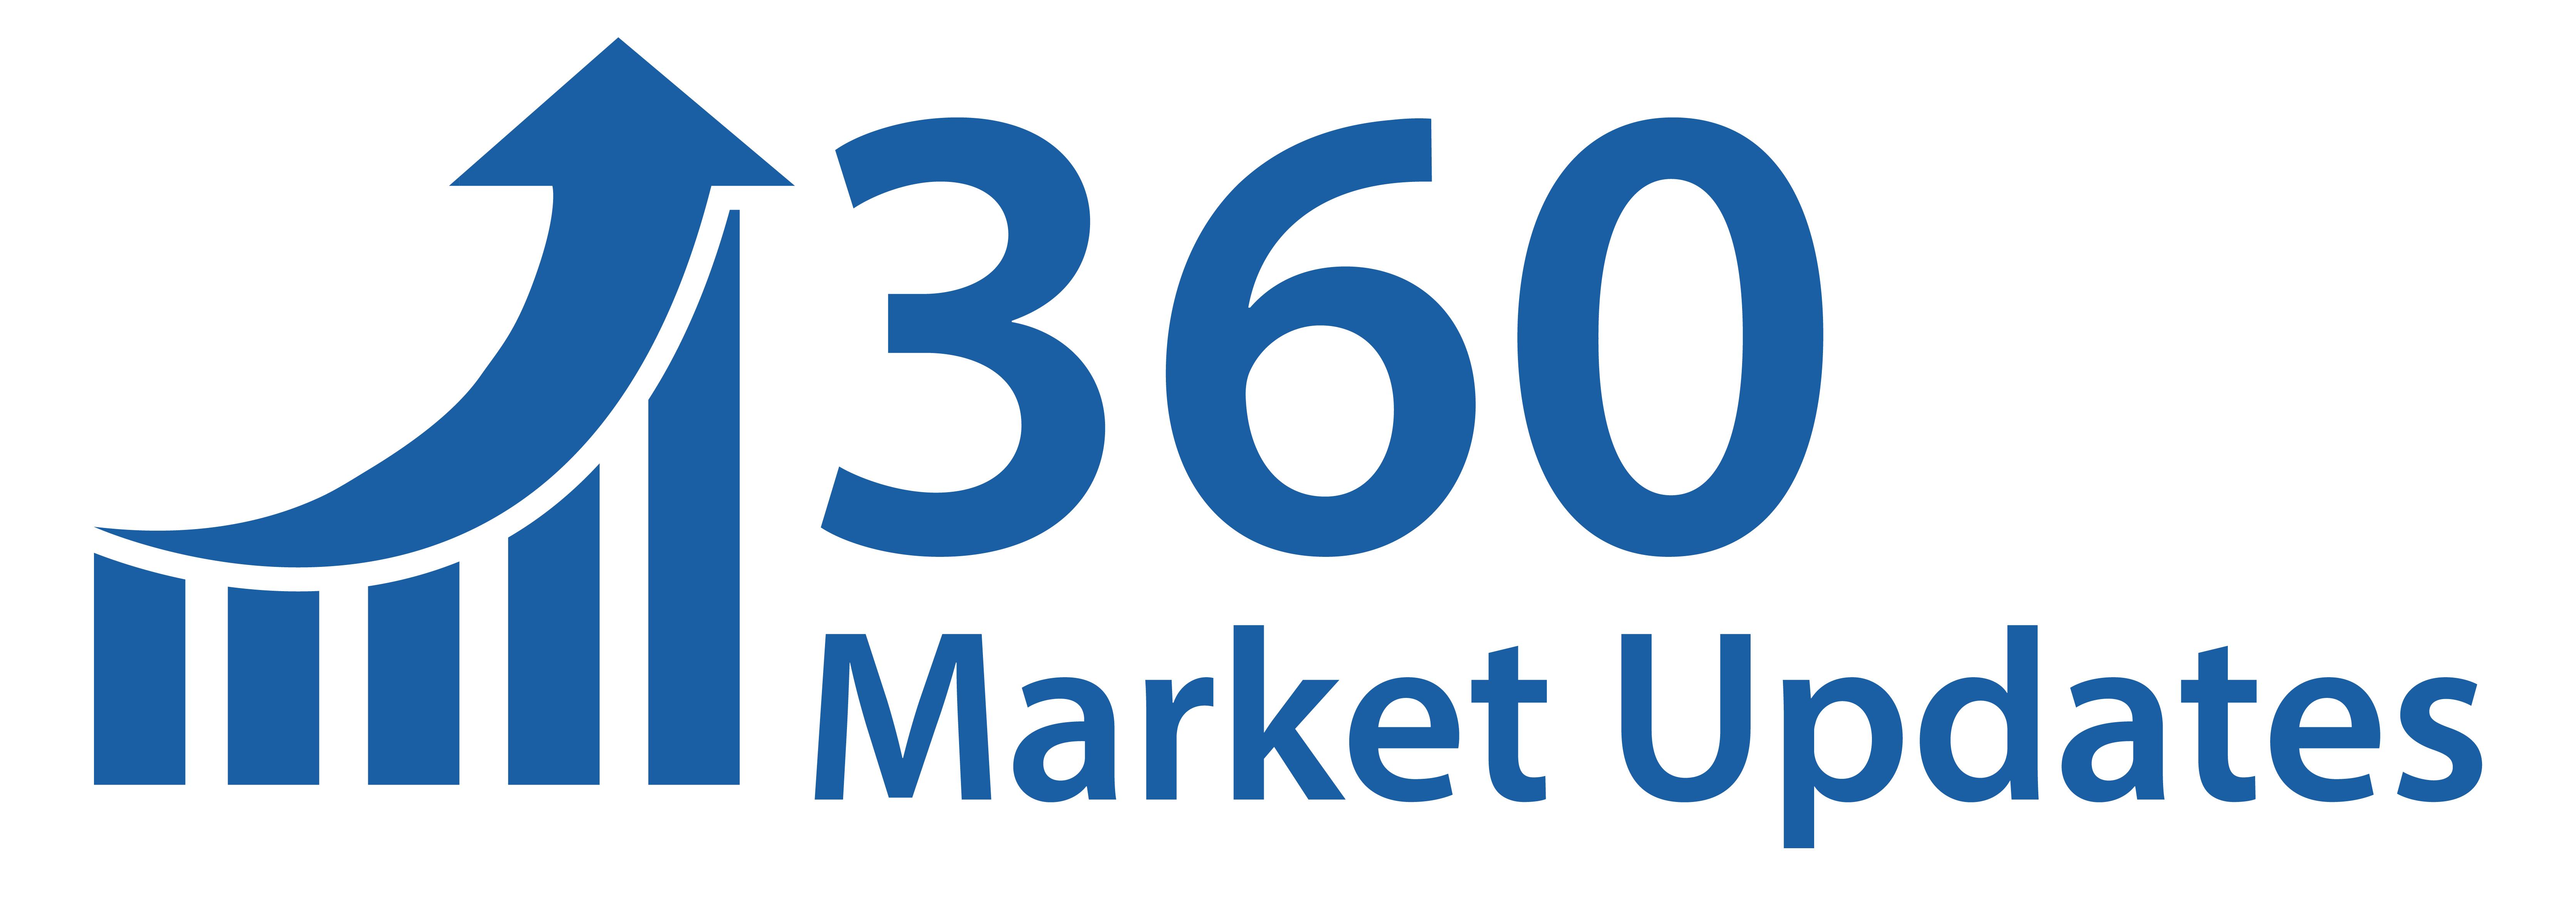 Sodium Lauroyl Isethionate Market 2020 - Demande de l'industrie, partage, taille, plans de tendances futures, opportunités de croissance, acteurs clés, application, demande, rapport de recherche de l'industrie par prévisions régionales jusqu'en 2025